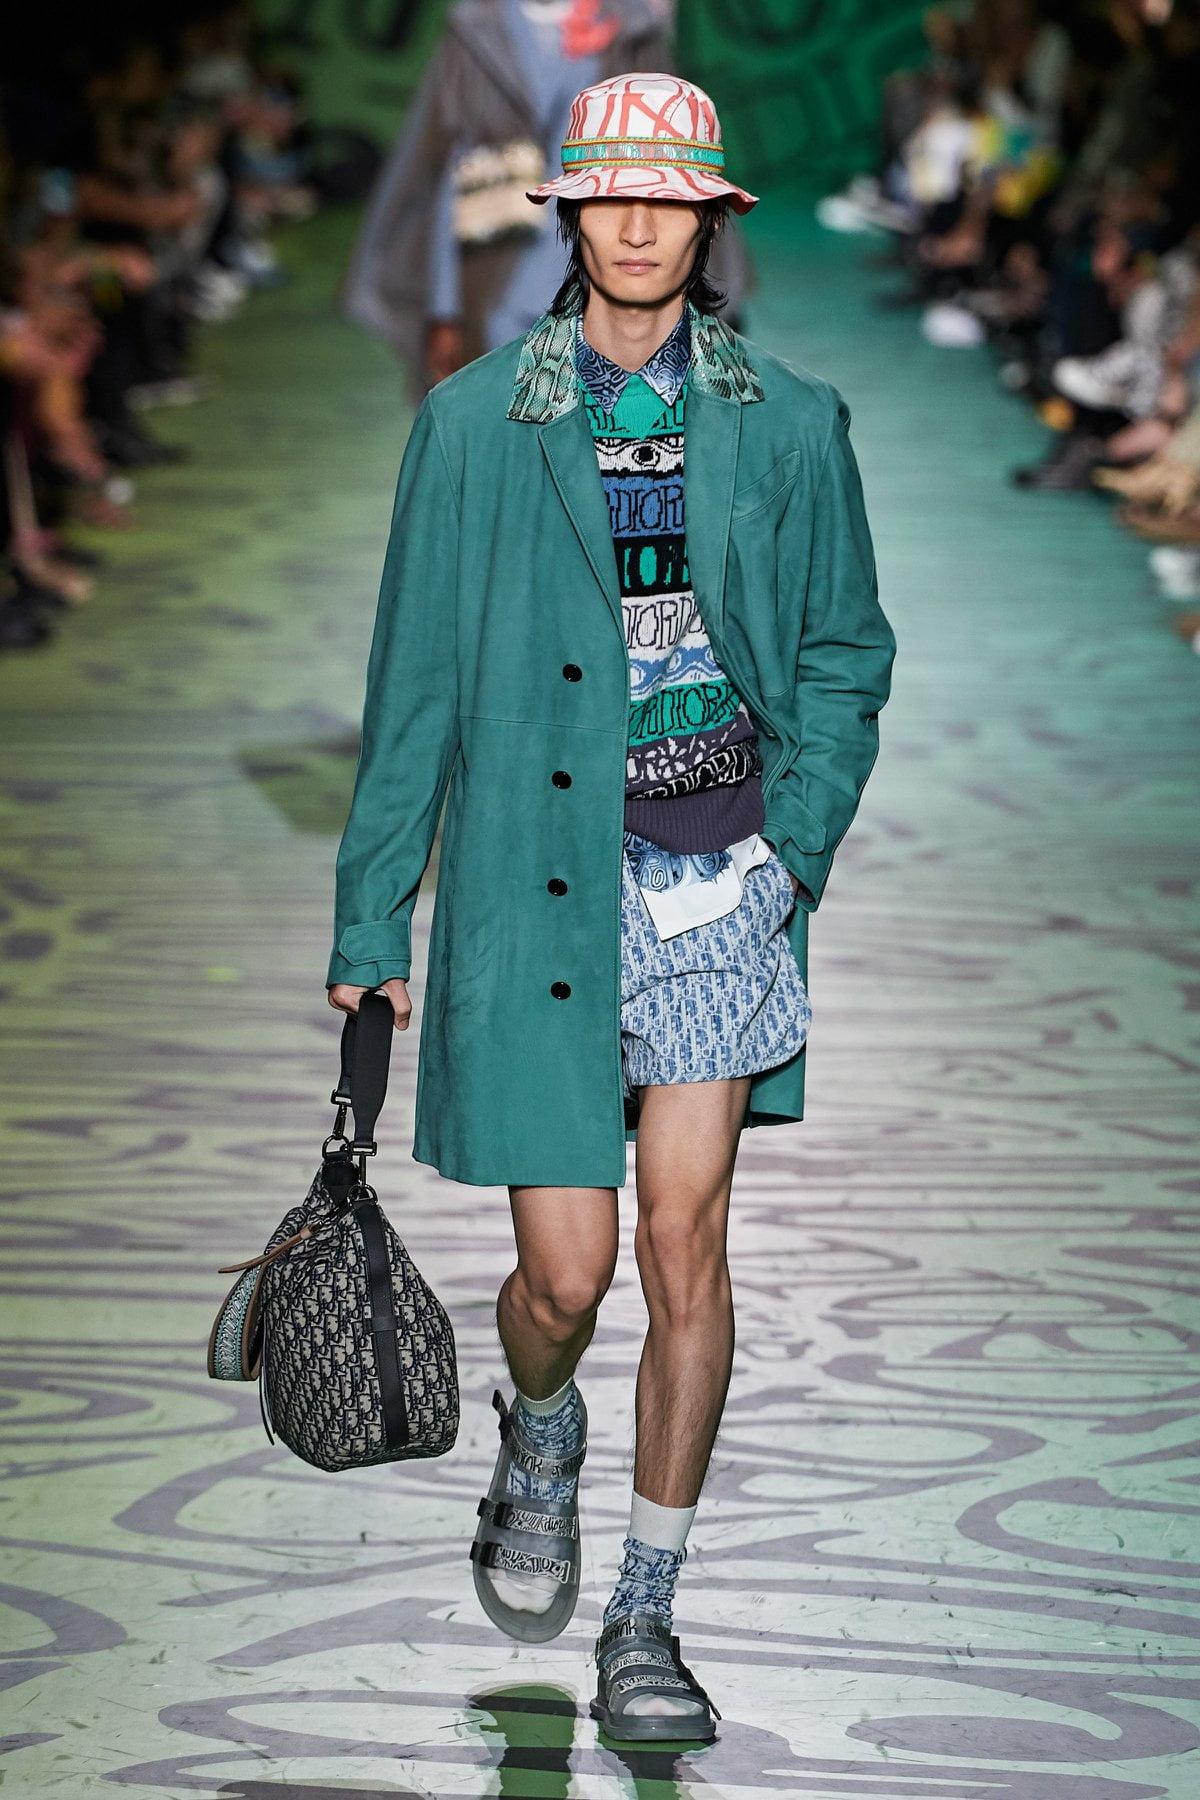 Dior muốn đánh gục cả thế giới với dòng thời trang nam đầy nhục cảm 14